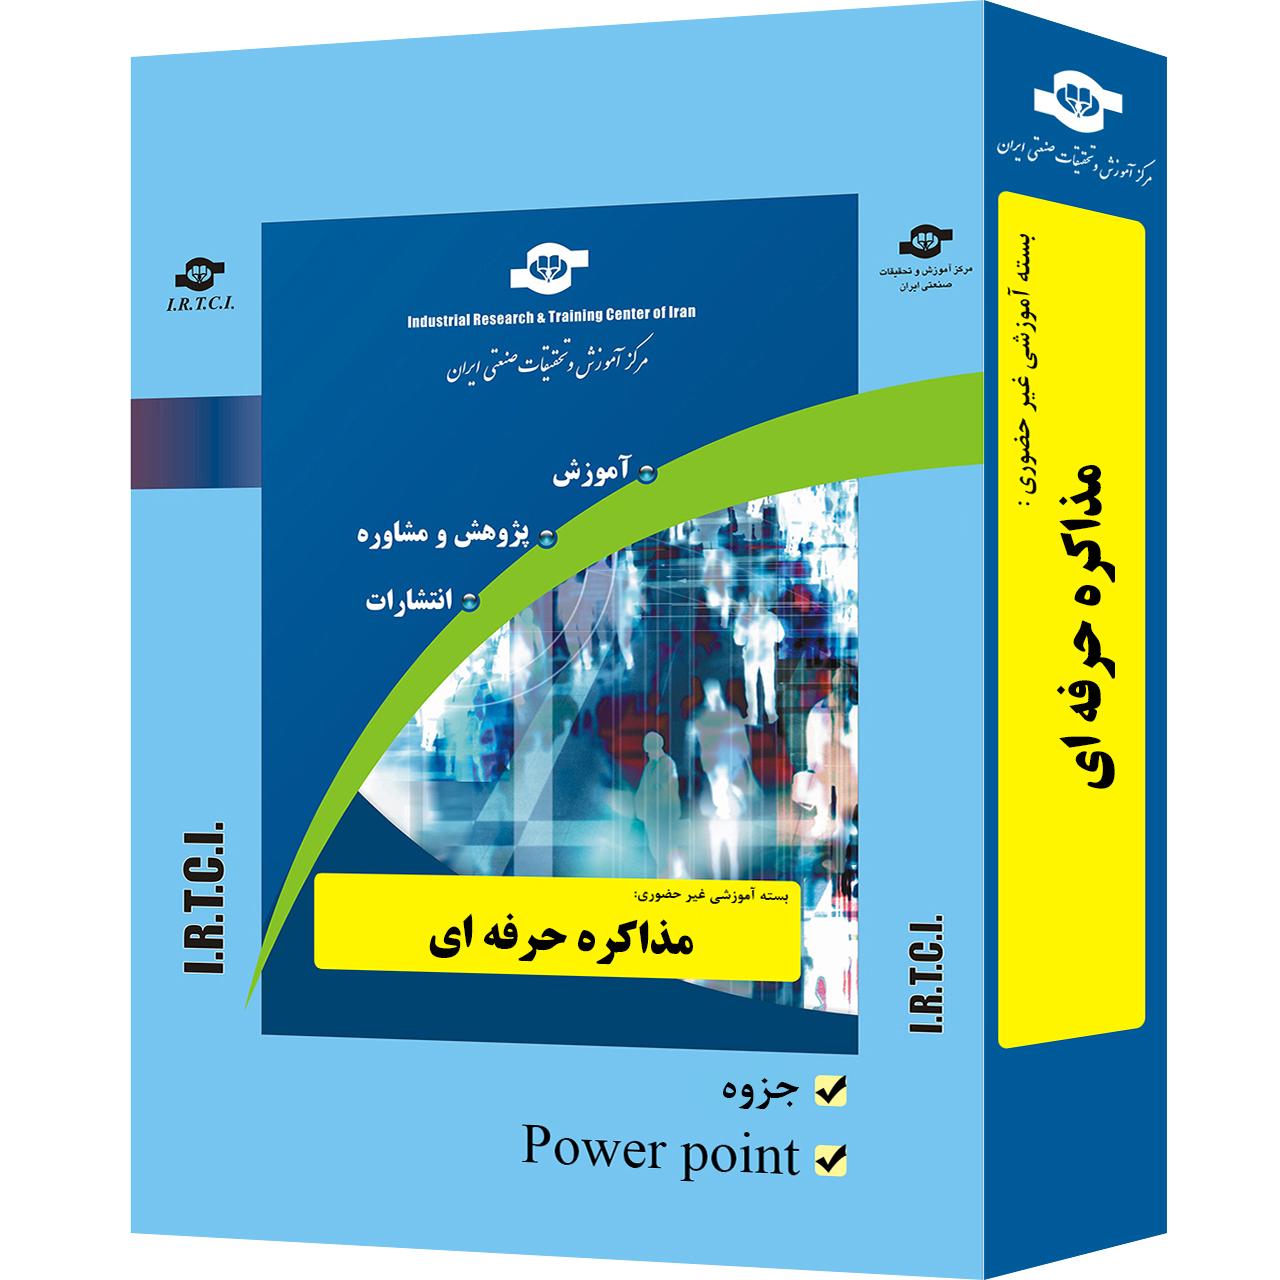 بسته آموزشی غیر حضوری مذاکره حرفه ای تدوین  مرکز آموزش و تحقیقات صنعتی ایران